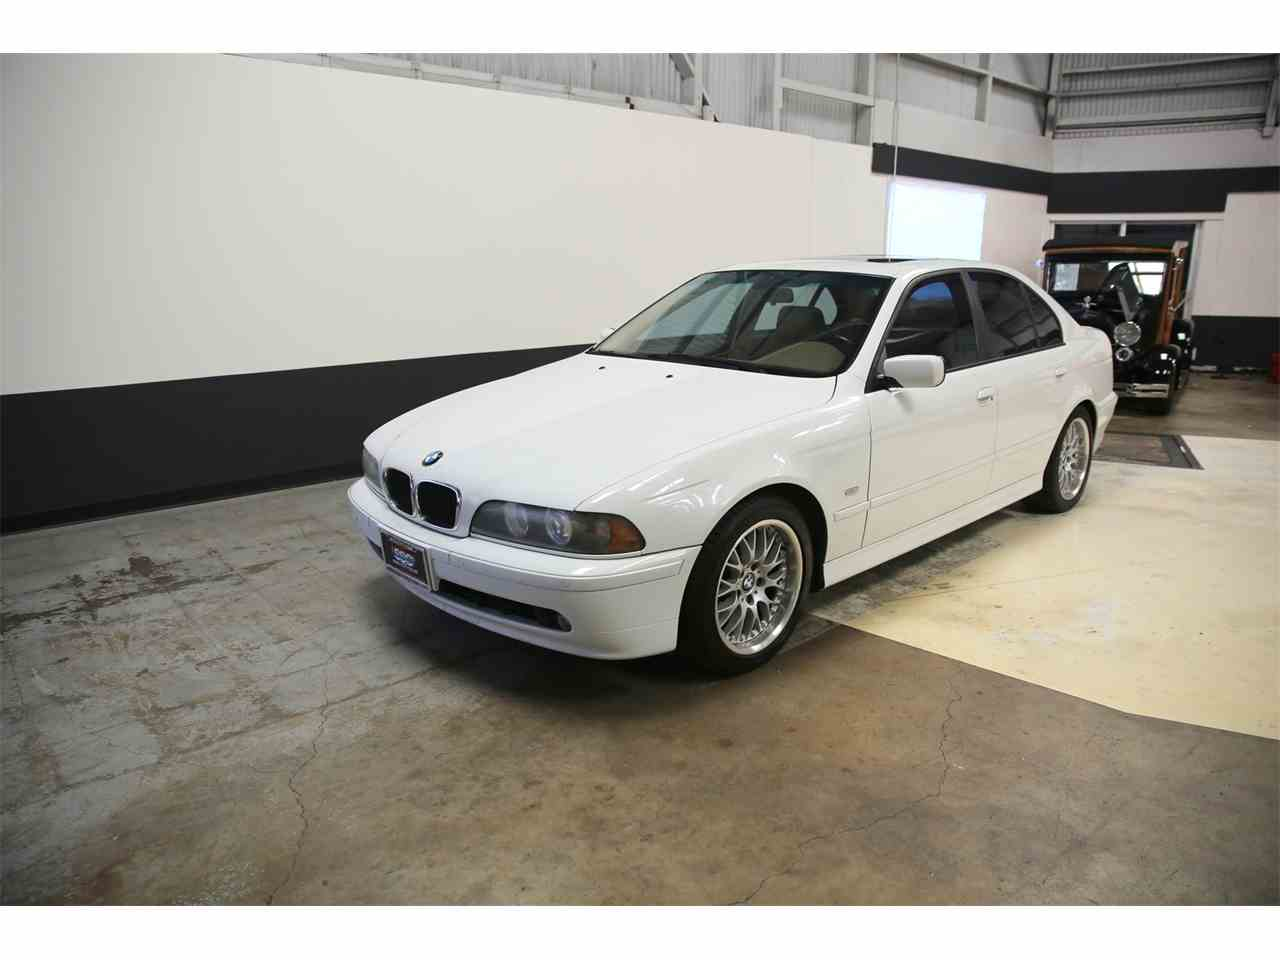 2002 BMW 530i for Sale - CC-998877